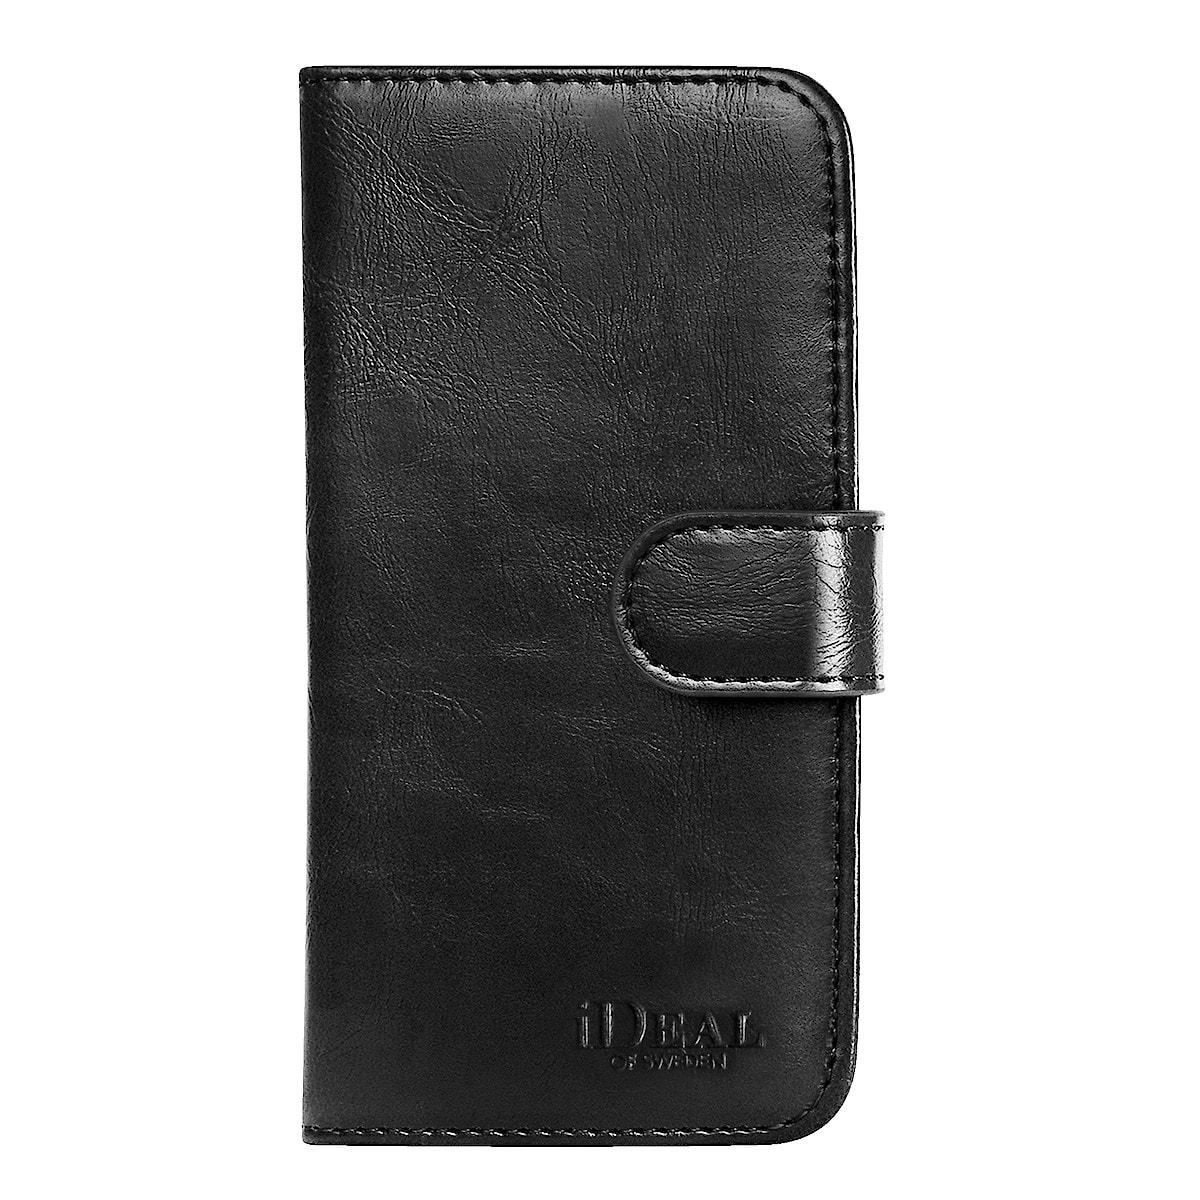 Plånboksfodral för Samsung Galaxy S9 iDeal of Sweden